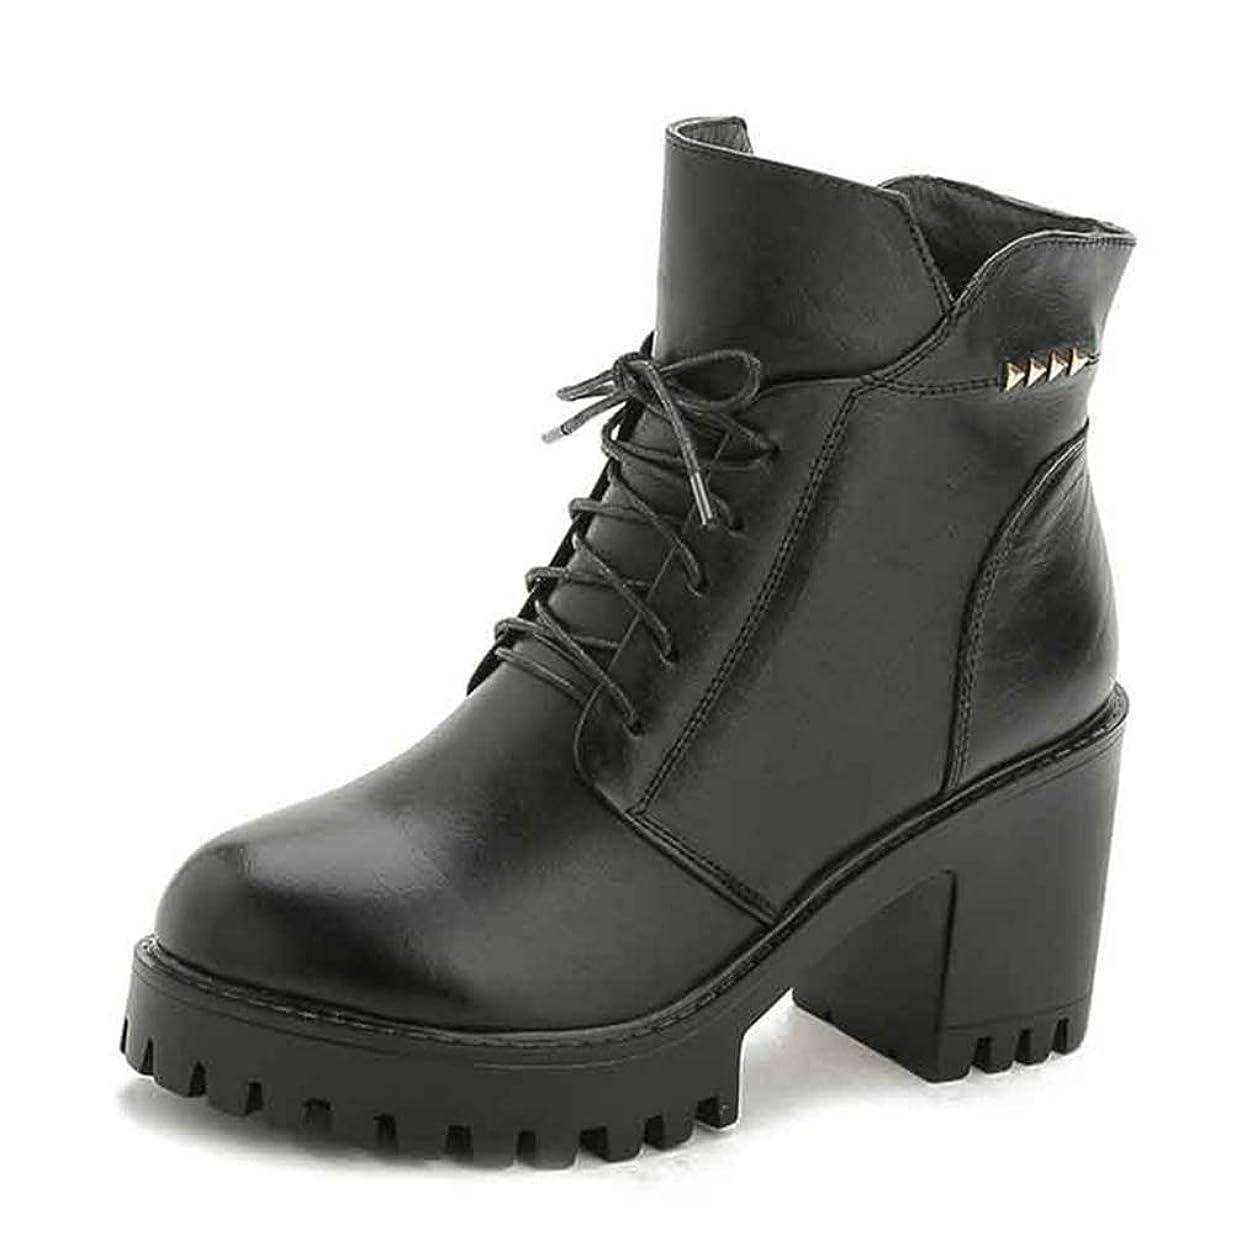 孤独水銀の安定[WOOYOO] マーティンブーツ レディース 8cmヒール 編み上げ ショートブーツ 美脚 太めヒール オシャレ チャンキーヒール 軽量 コンフォート 3E 婦人靴 痛くない 革靴 レザー 柔らかい ミドルカット ブラック レッド